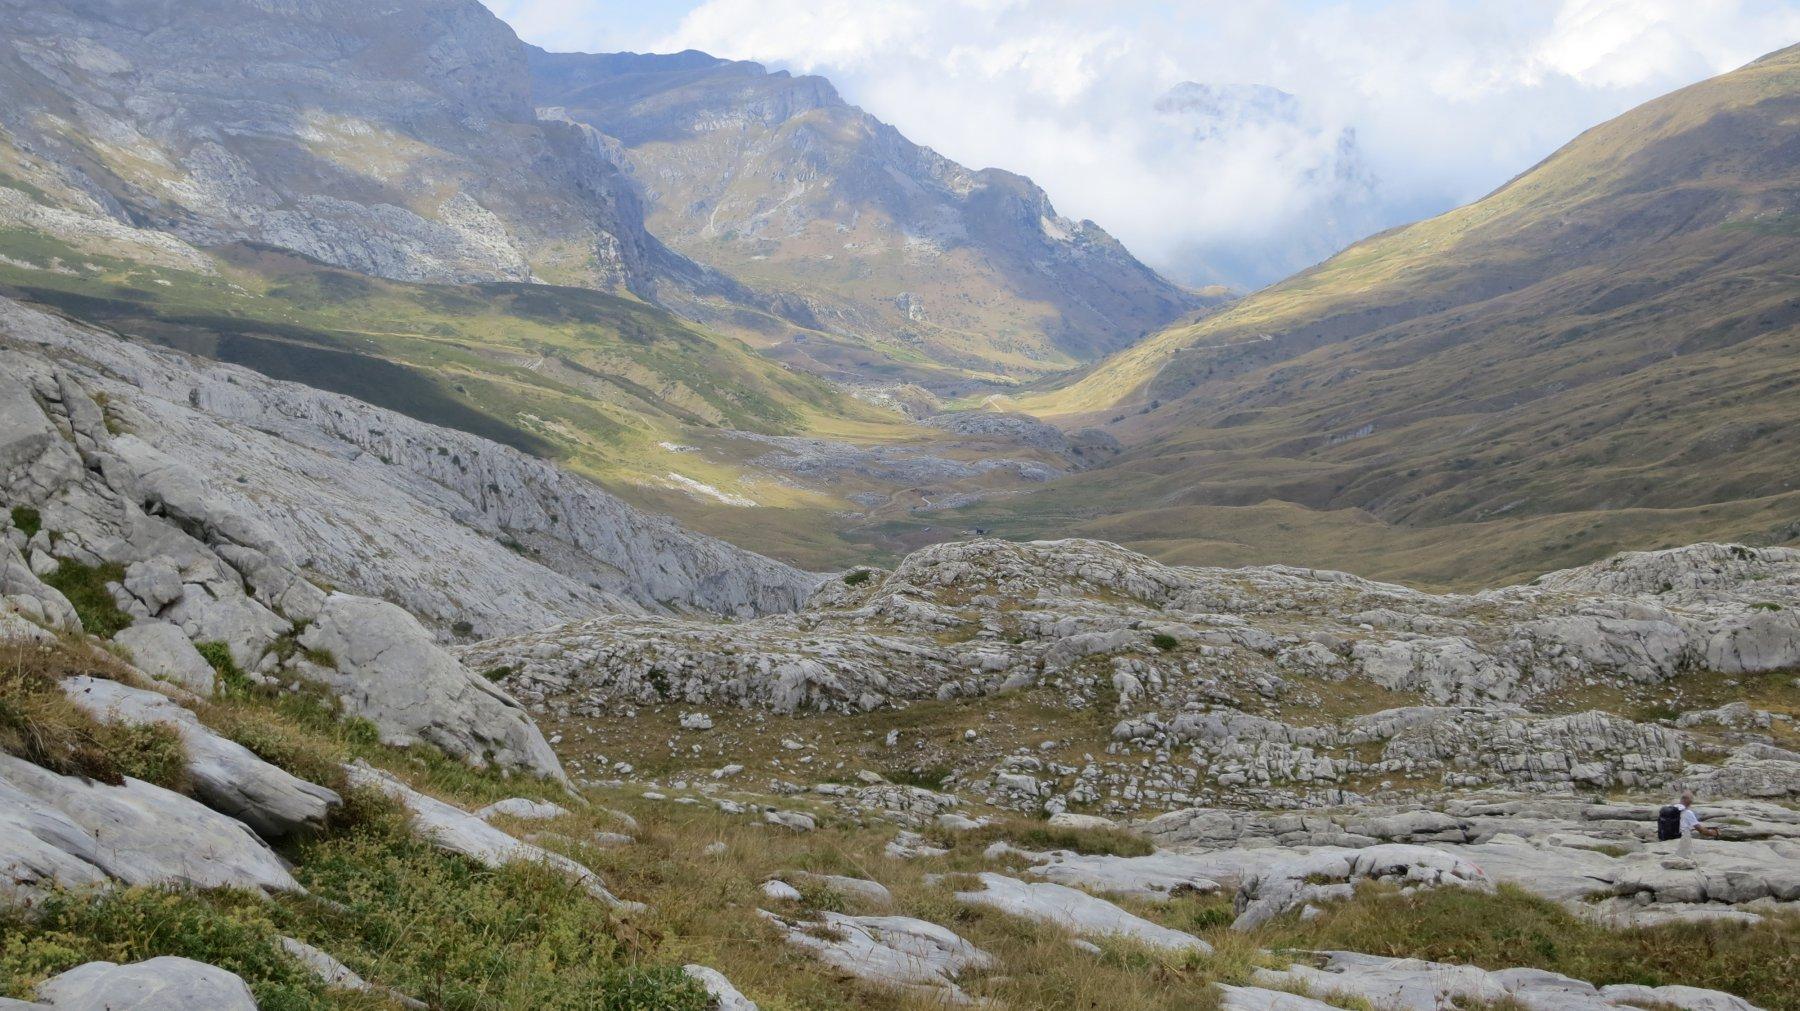 la traccia serpeggia fra le placche di roccia